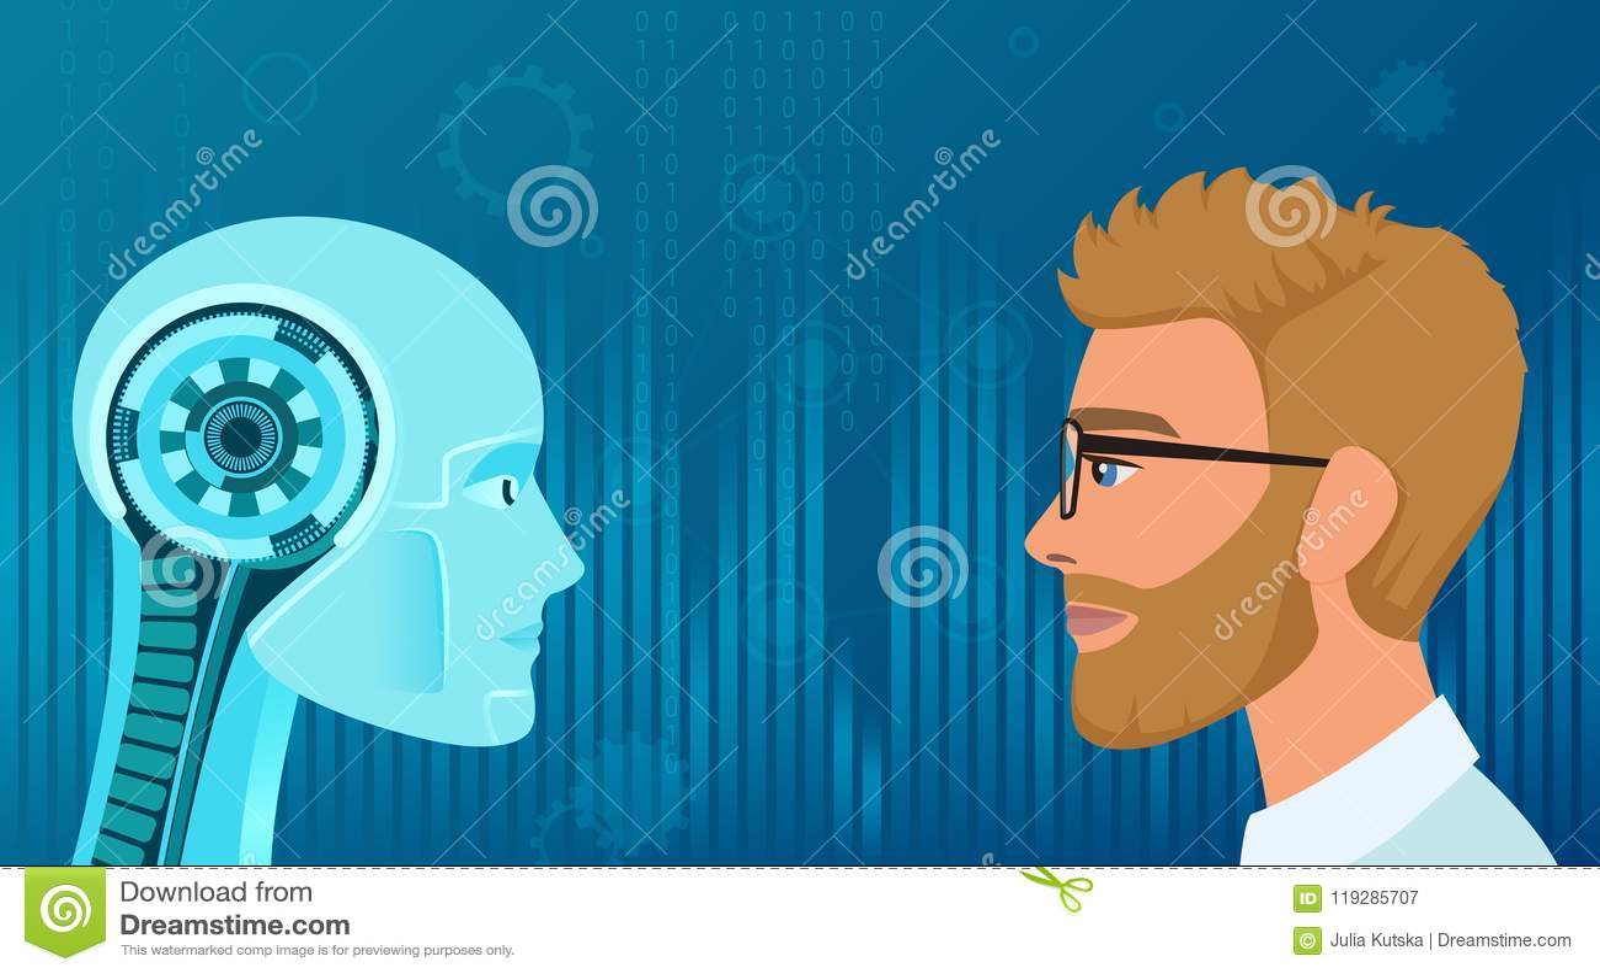 Wektorowe istoty ludzkie vs robot opozycja Pojęcie biznes i przyszłości pracy ilustracja